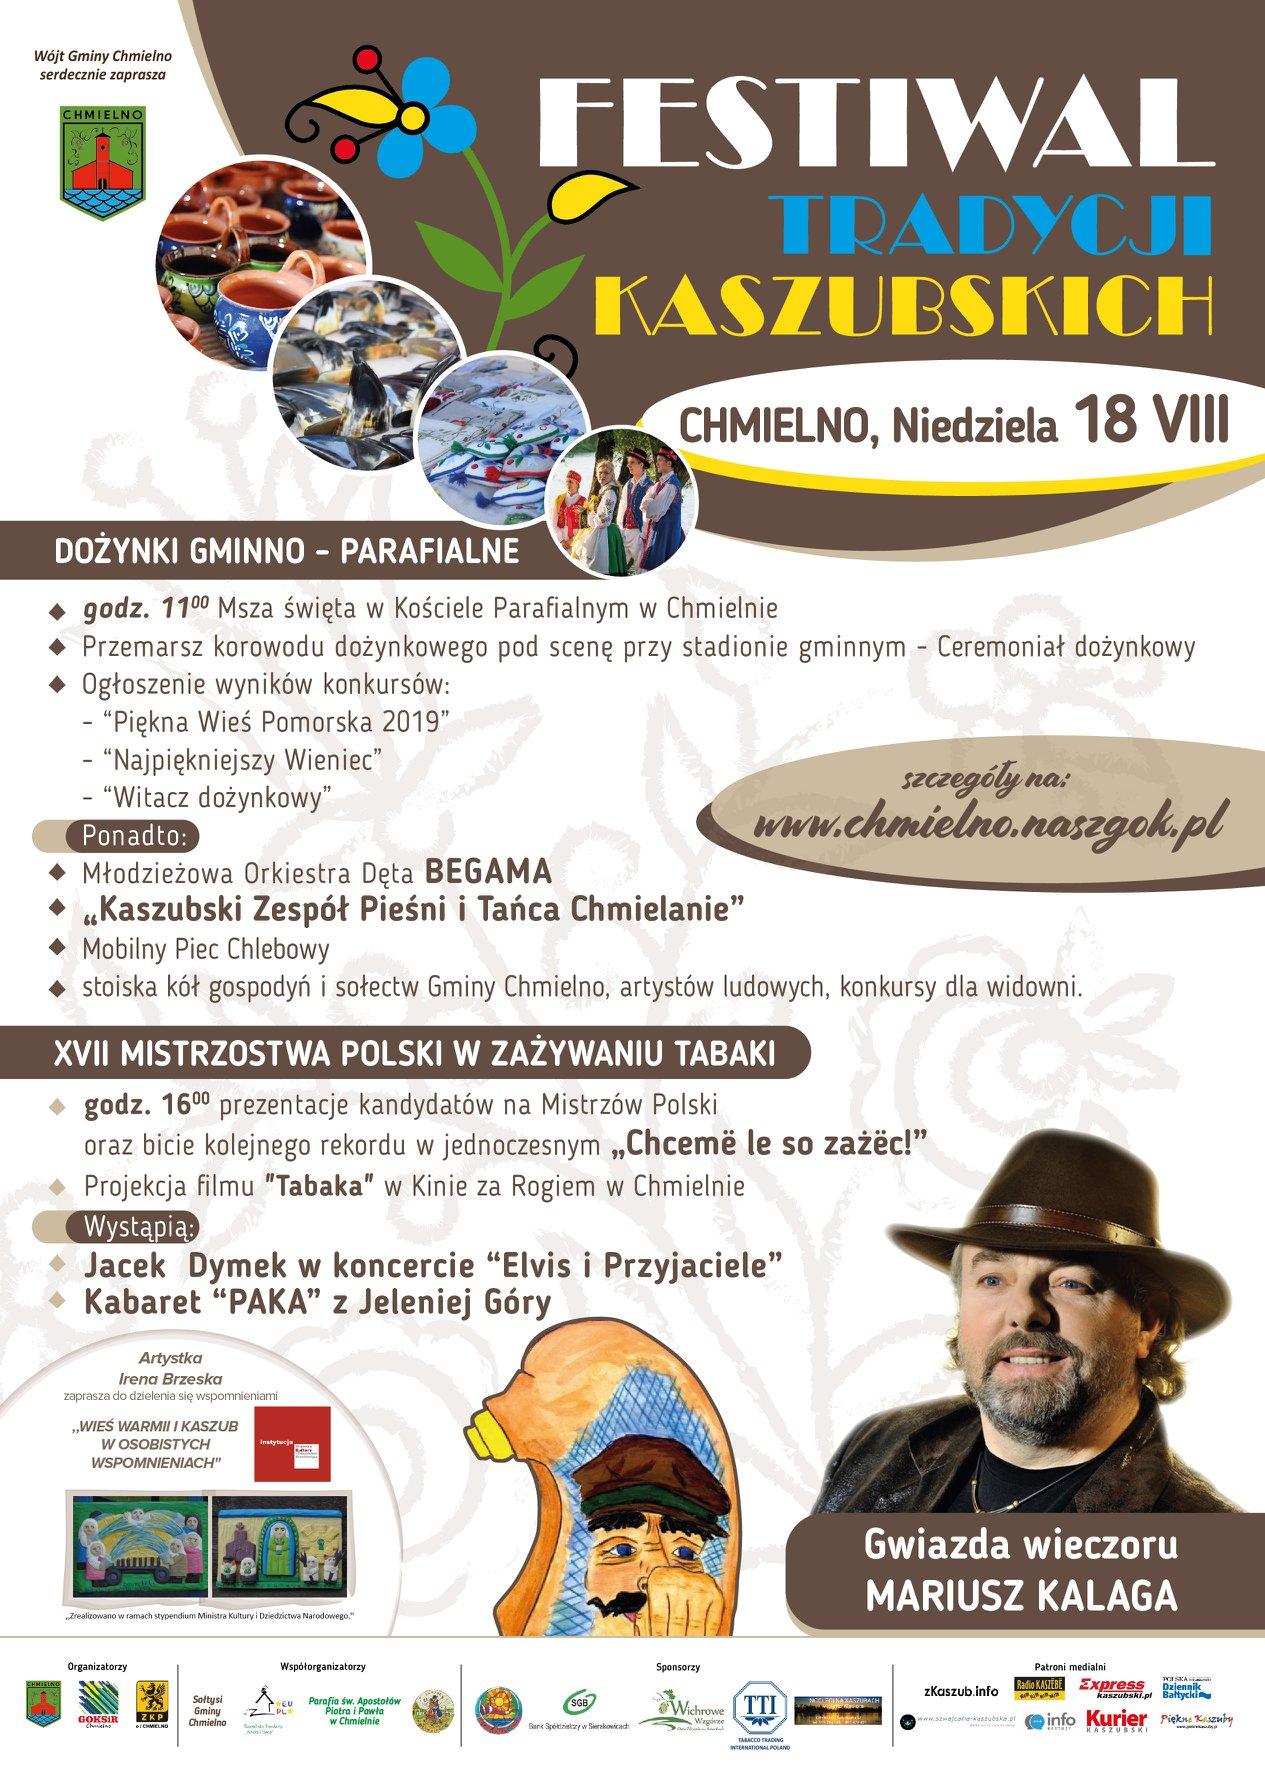 Festiwal Tradycji Kaszubskich 2019 - Chmielno